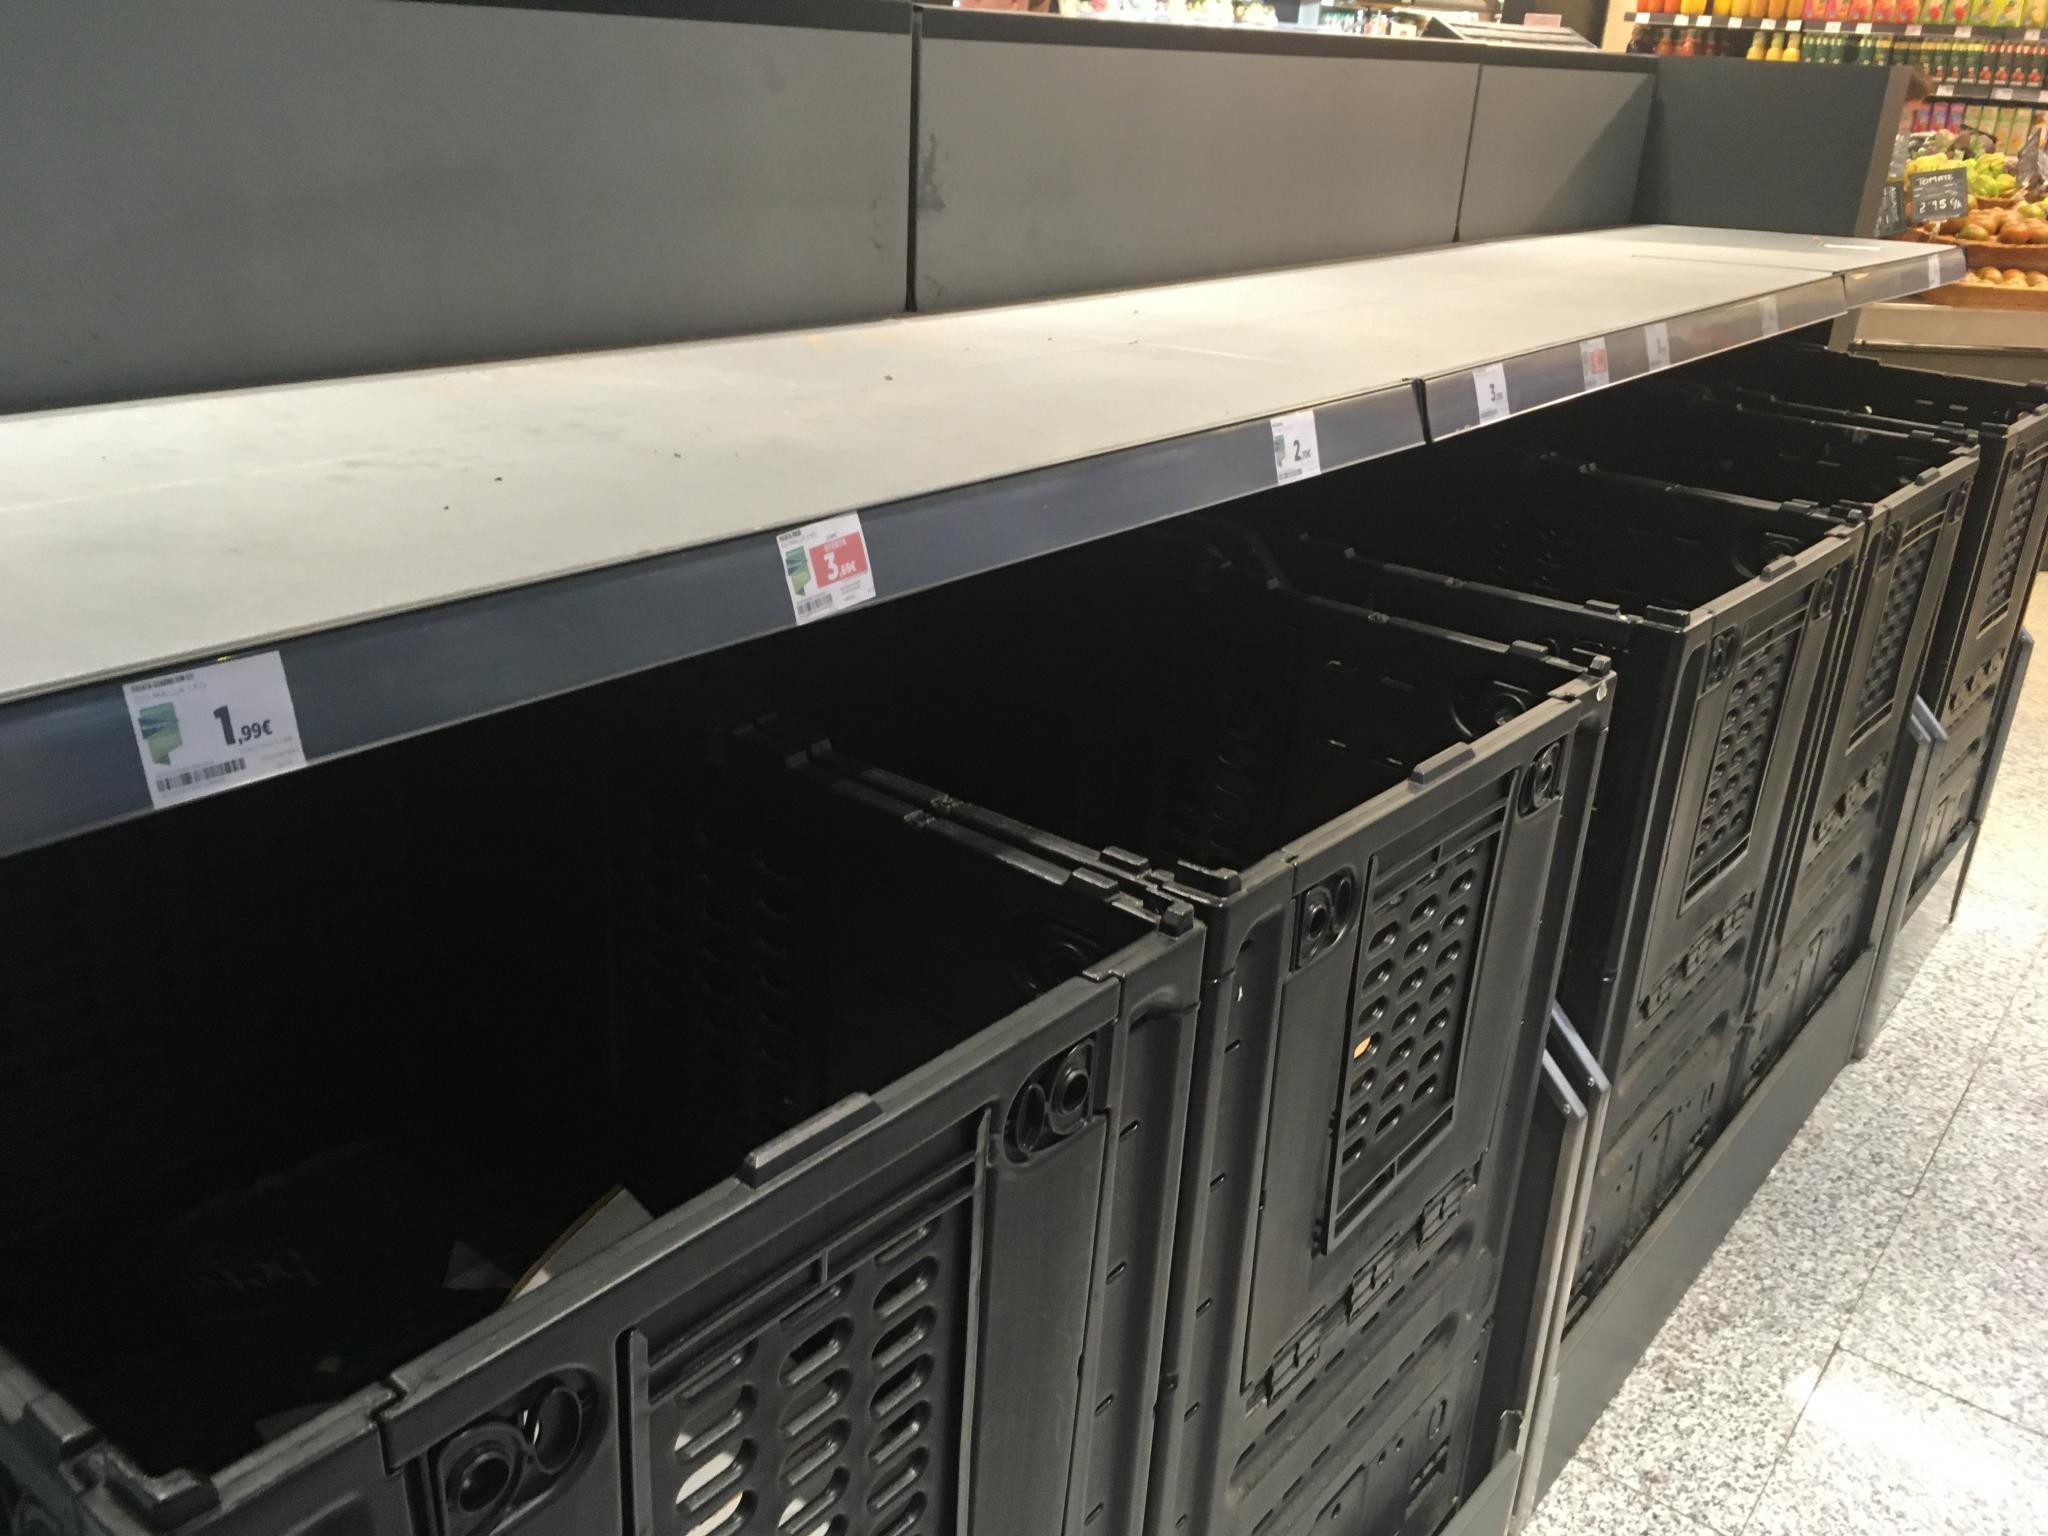 El Corte Inglés runs out of potatoes.